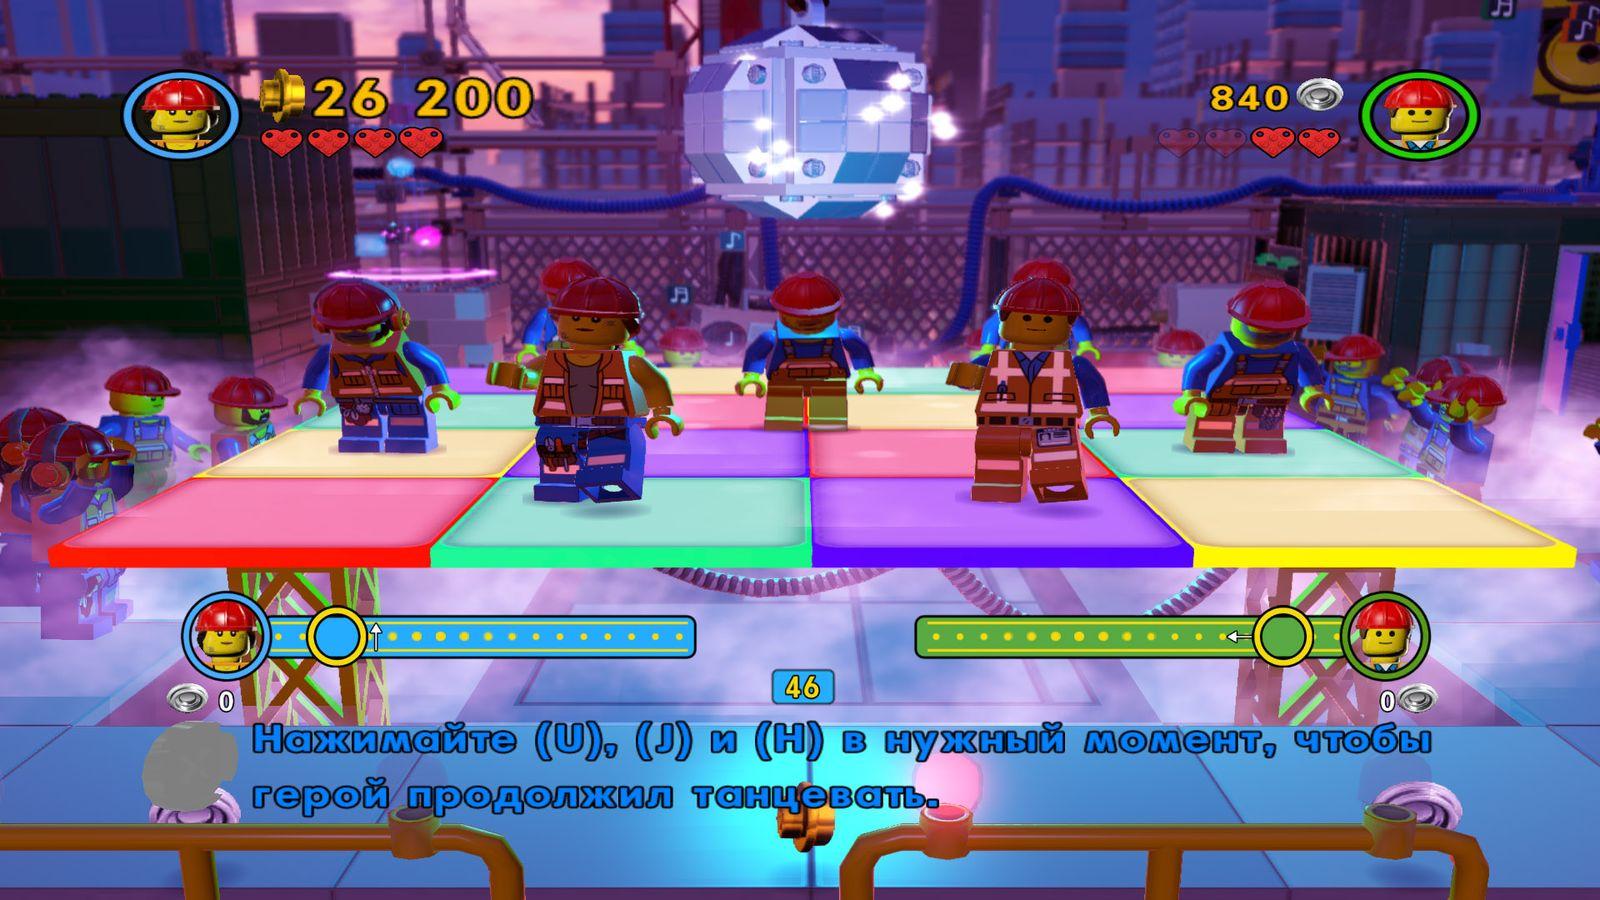 Скачать lego movie: videogame | скачать бесплатно игры на компьютер.